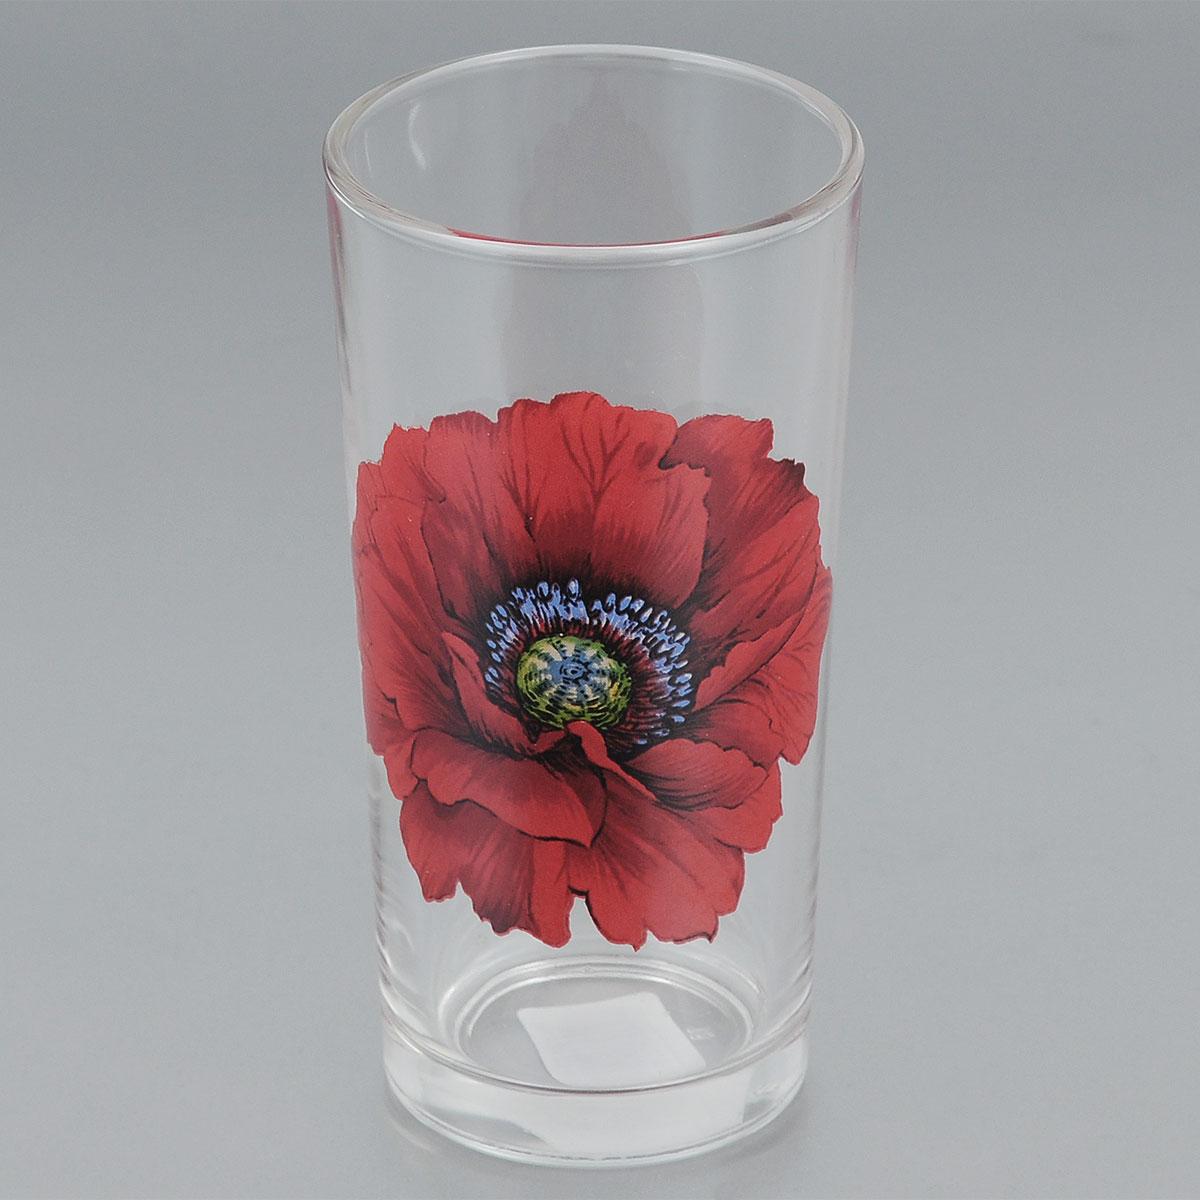 Стакан ОСЗ Алый мак, 230 мл05C1256 ДЗ АМАКСтакан ОСЗ Алый мак выполнен из высококачественного натрий-кальций-силикатного стекла, которое изысканно блестит и переливается на свету. Изделие украшено ярким изображением цветка. Такой стакан отлично дополнит вашу коллекцию кухонной утвари и порадует вас классическим лаконичным дизайном и практичностью. Диаметр стакана: 6,5 см. Высота стакана: 12,5 см.